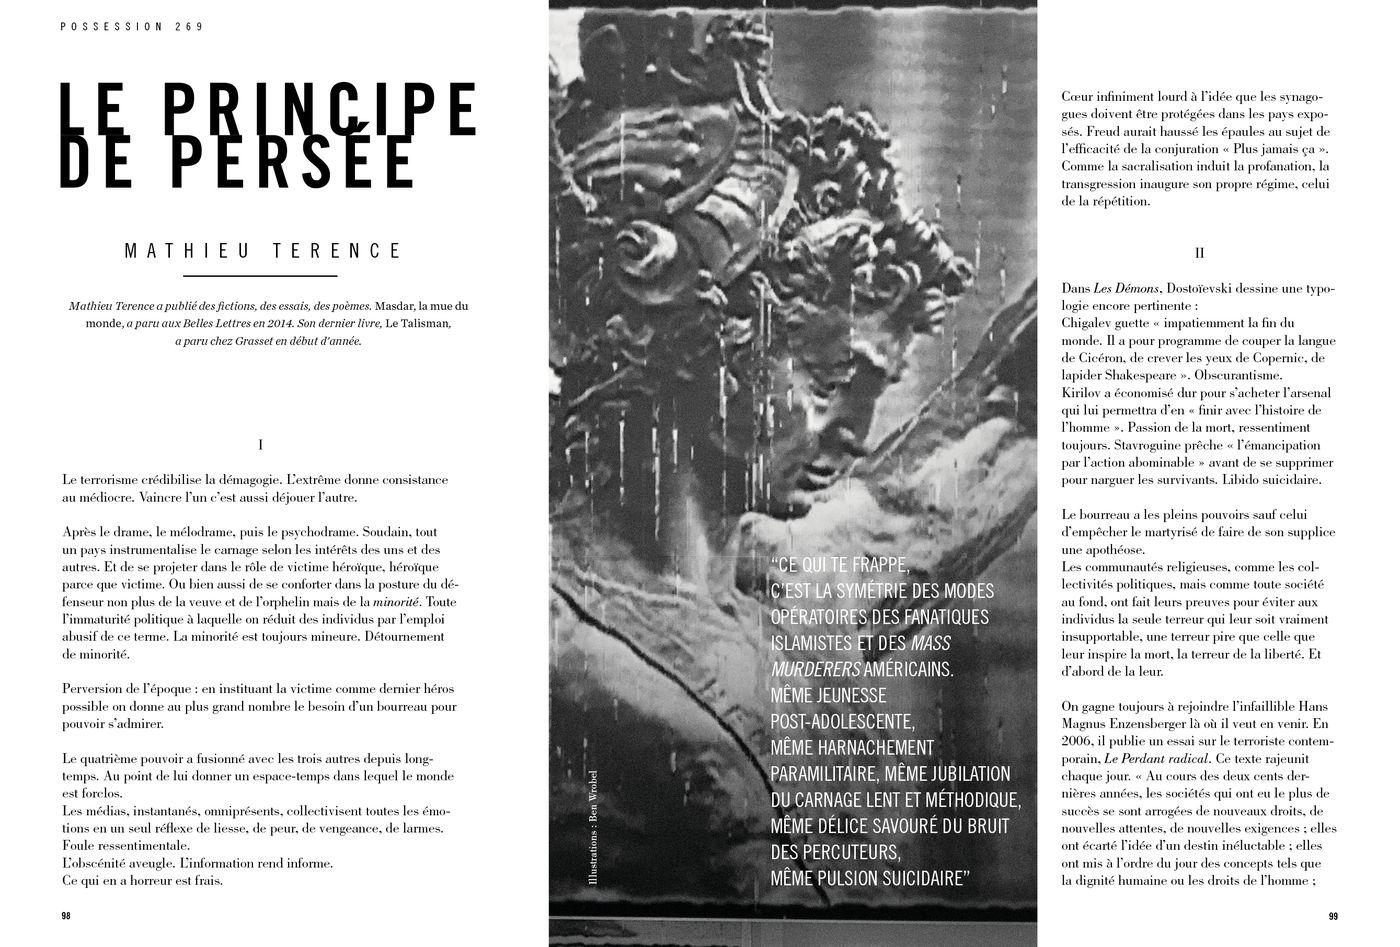 Possession Immédiate Volume 5 - Texte de Mathieu Terence, Le Principe de Persée